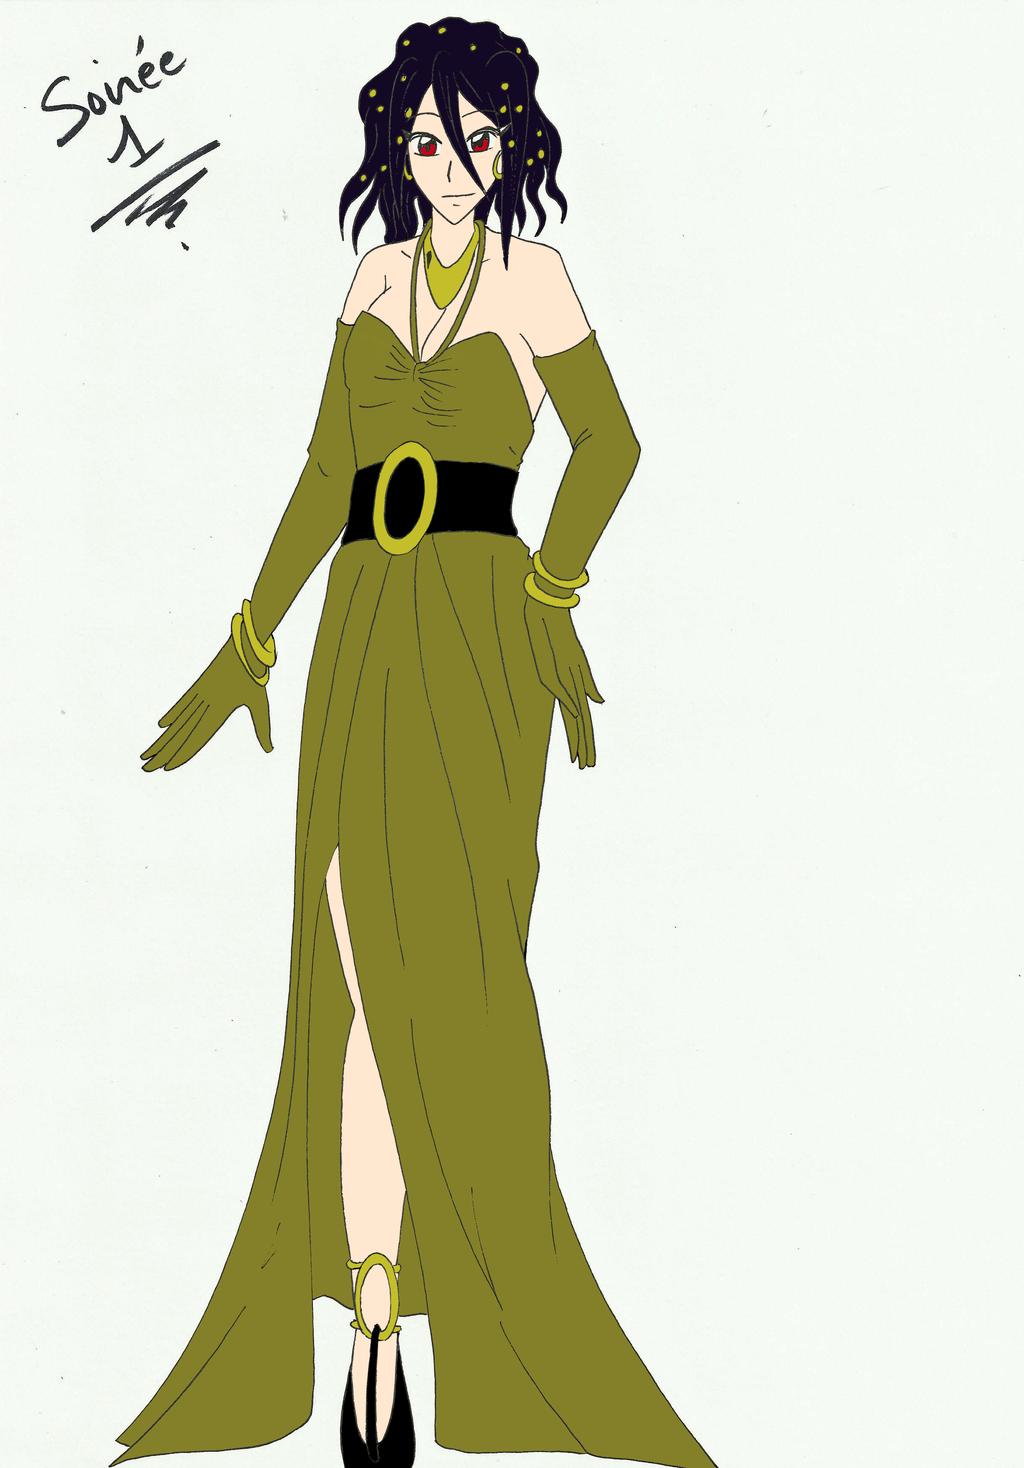 liz dress up 2 tenue de soiree 1 by japanzelda on deviantart. Black Bedroom Furniture Sets. Home Design Ideas